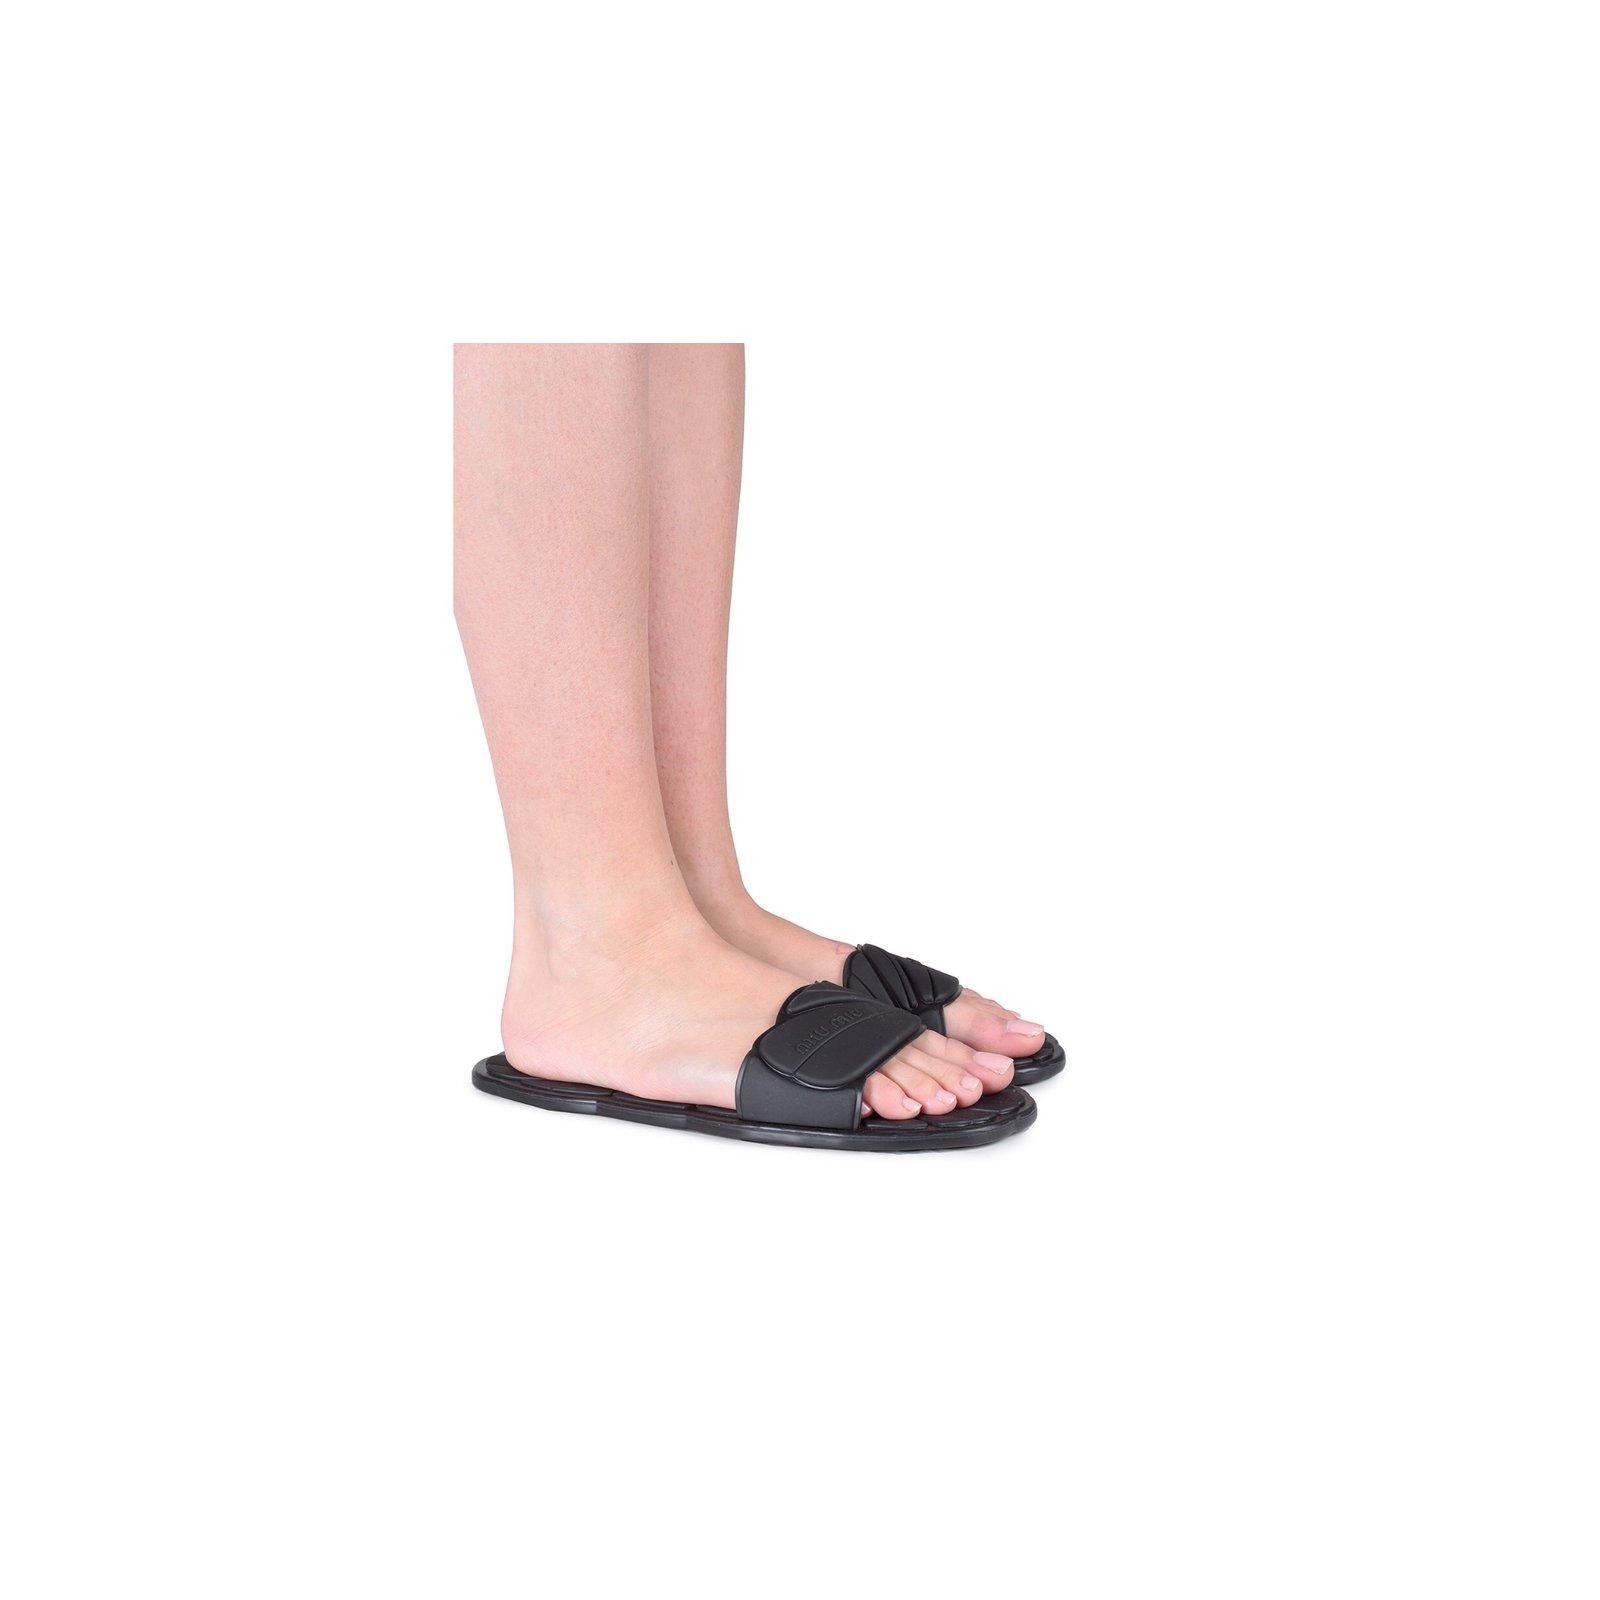 1808188f6e0178 Miu Miu Sandals Sandals Rubber Black ref.58431 - Joli Closet